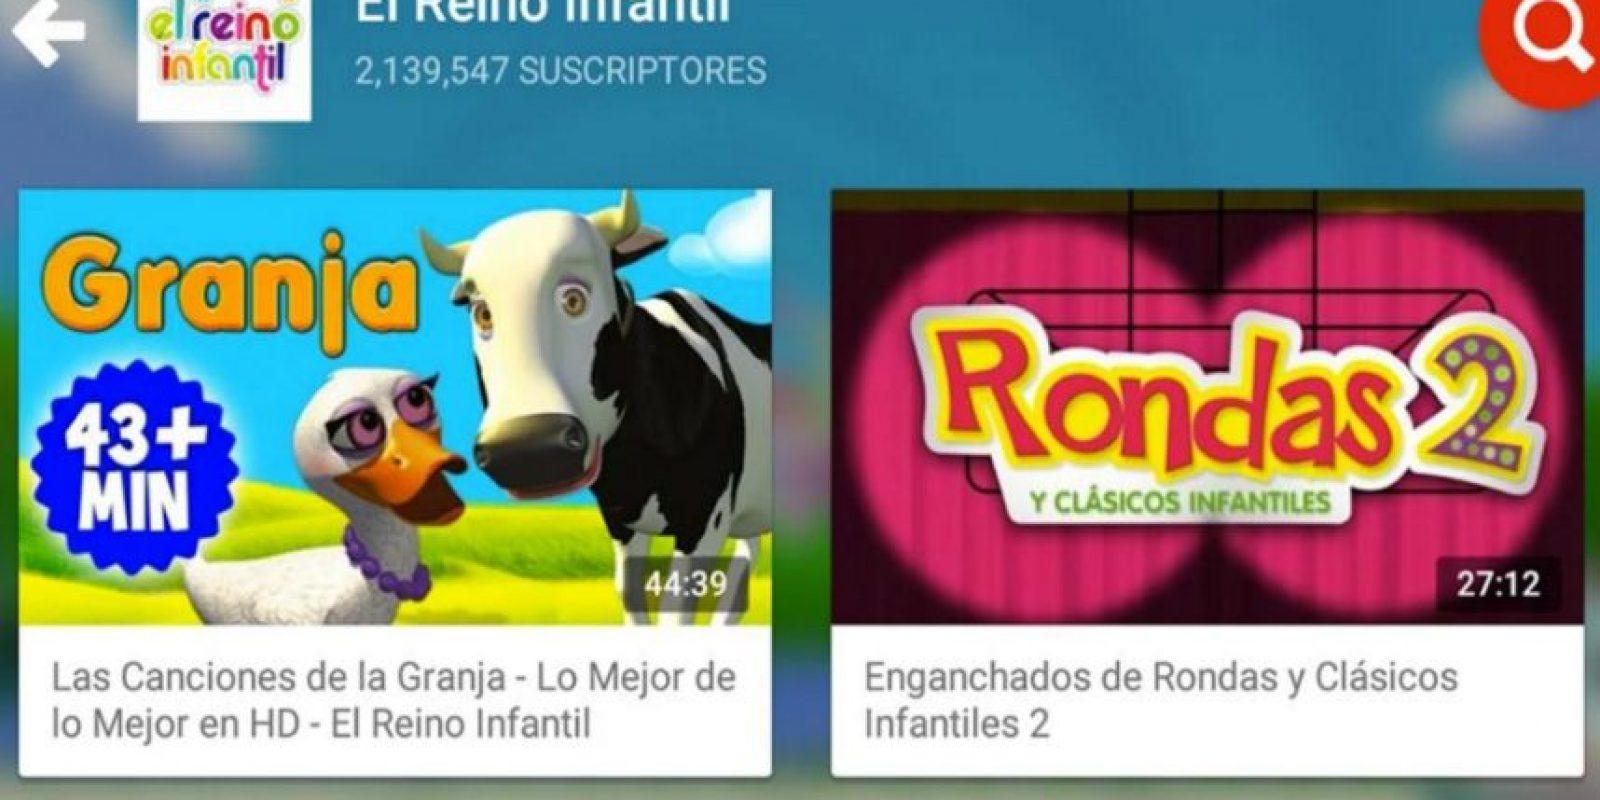 La aplicación tendrá mucho contenido especial para niños. Foto:YouTube